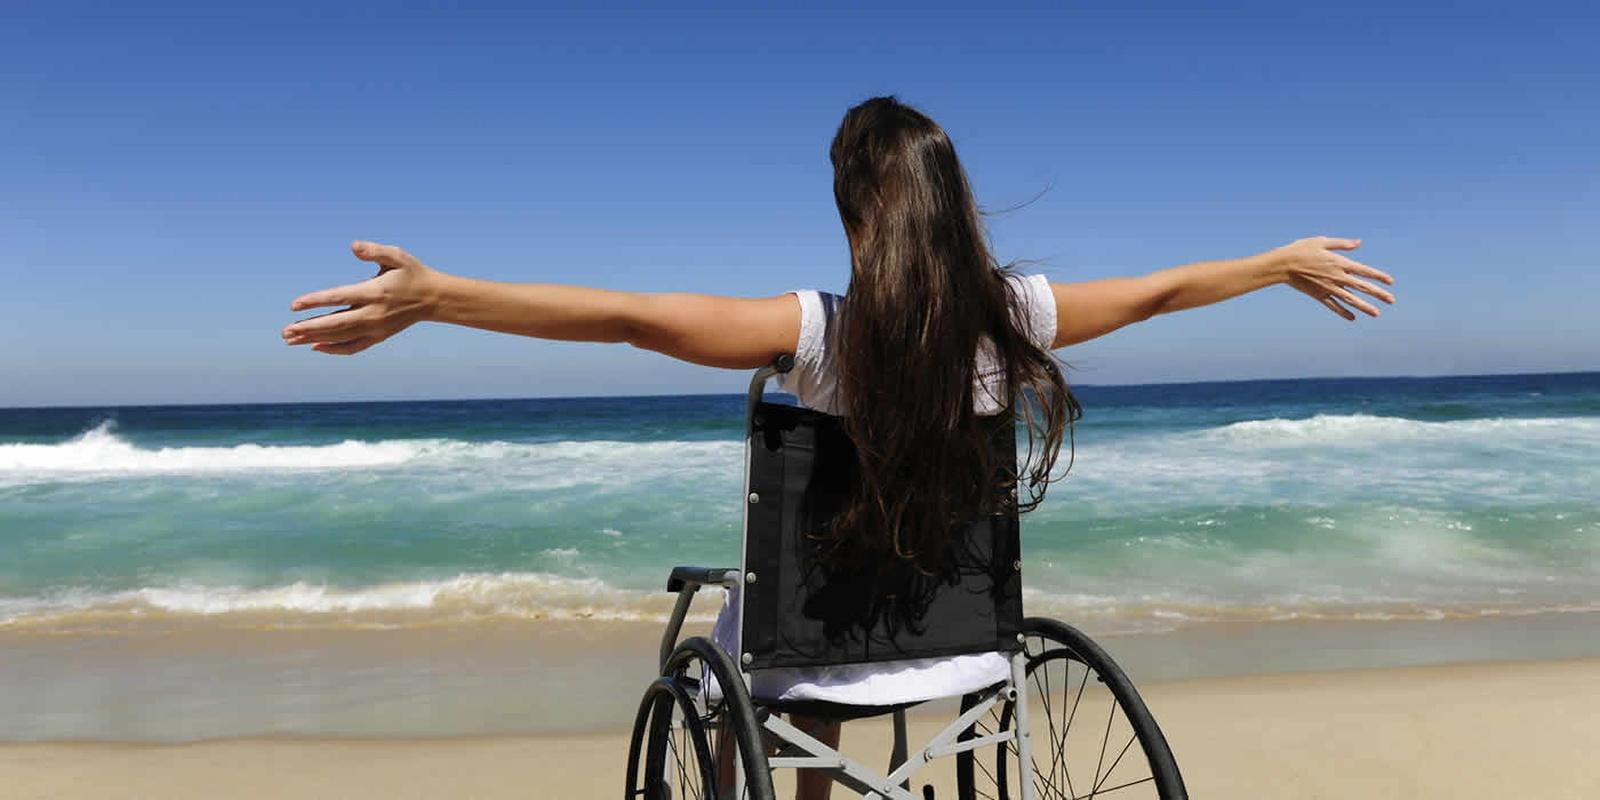 Фитнес в инвалидной коляске с шейной травмой. Что вы можете?